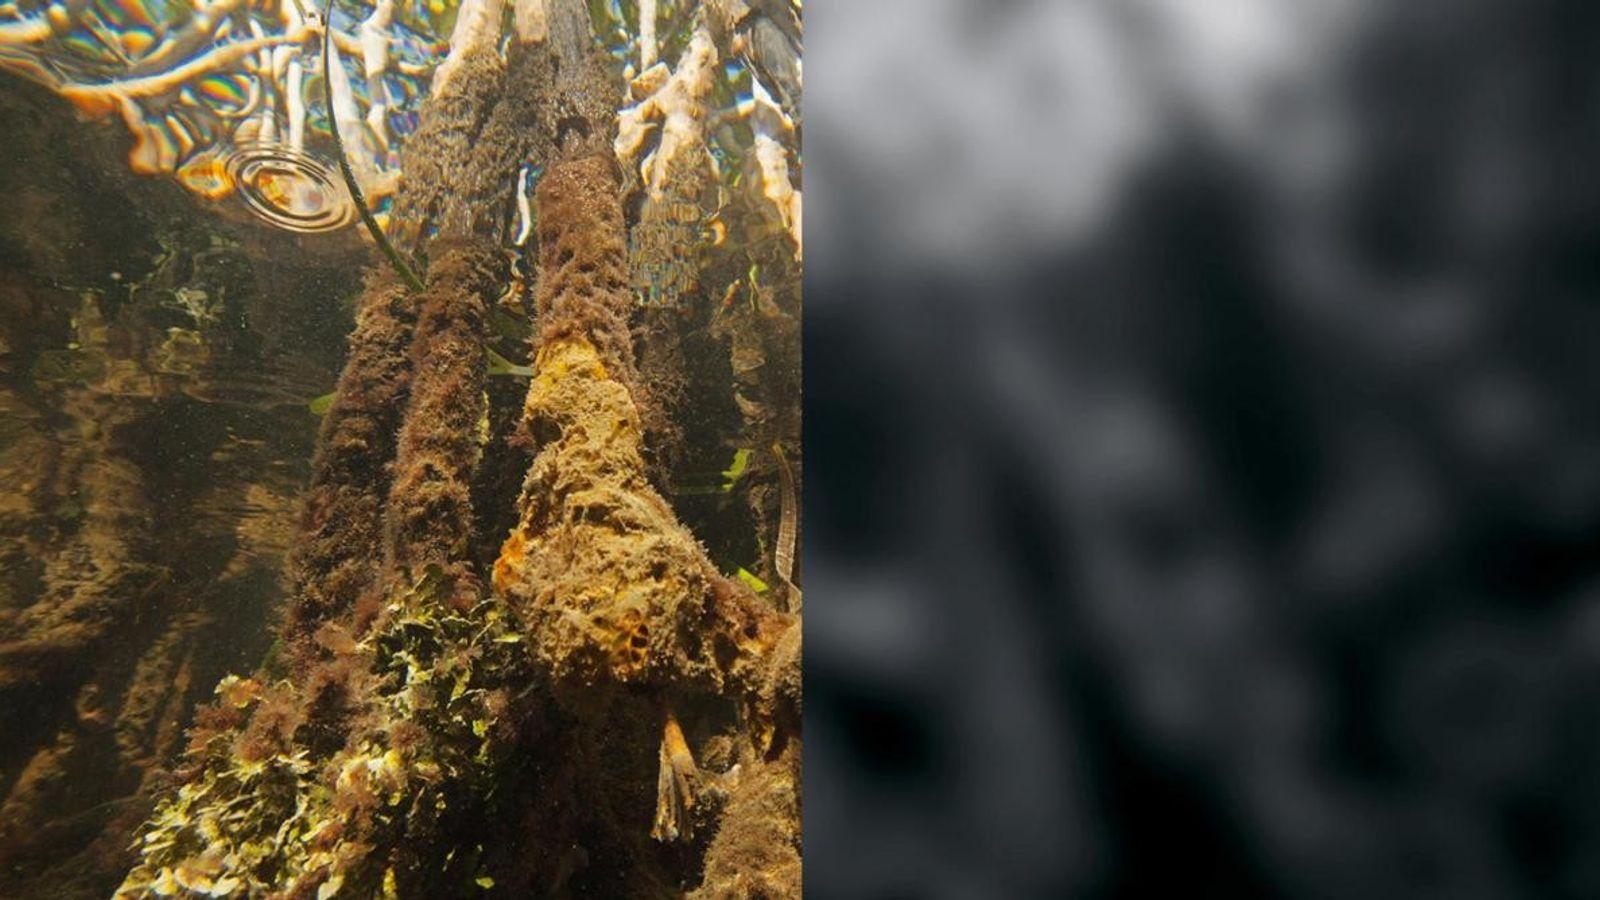 Tripedalia cystophora - La méduse-boîte n'a pas de cerveau pour interpréter les données sensorielles, mais elle ...